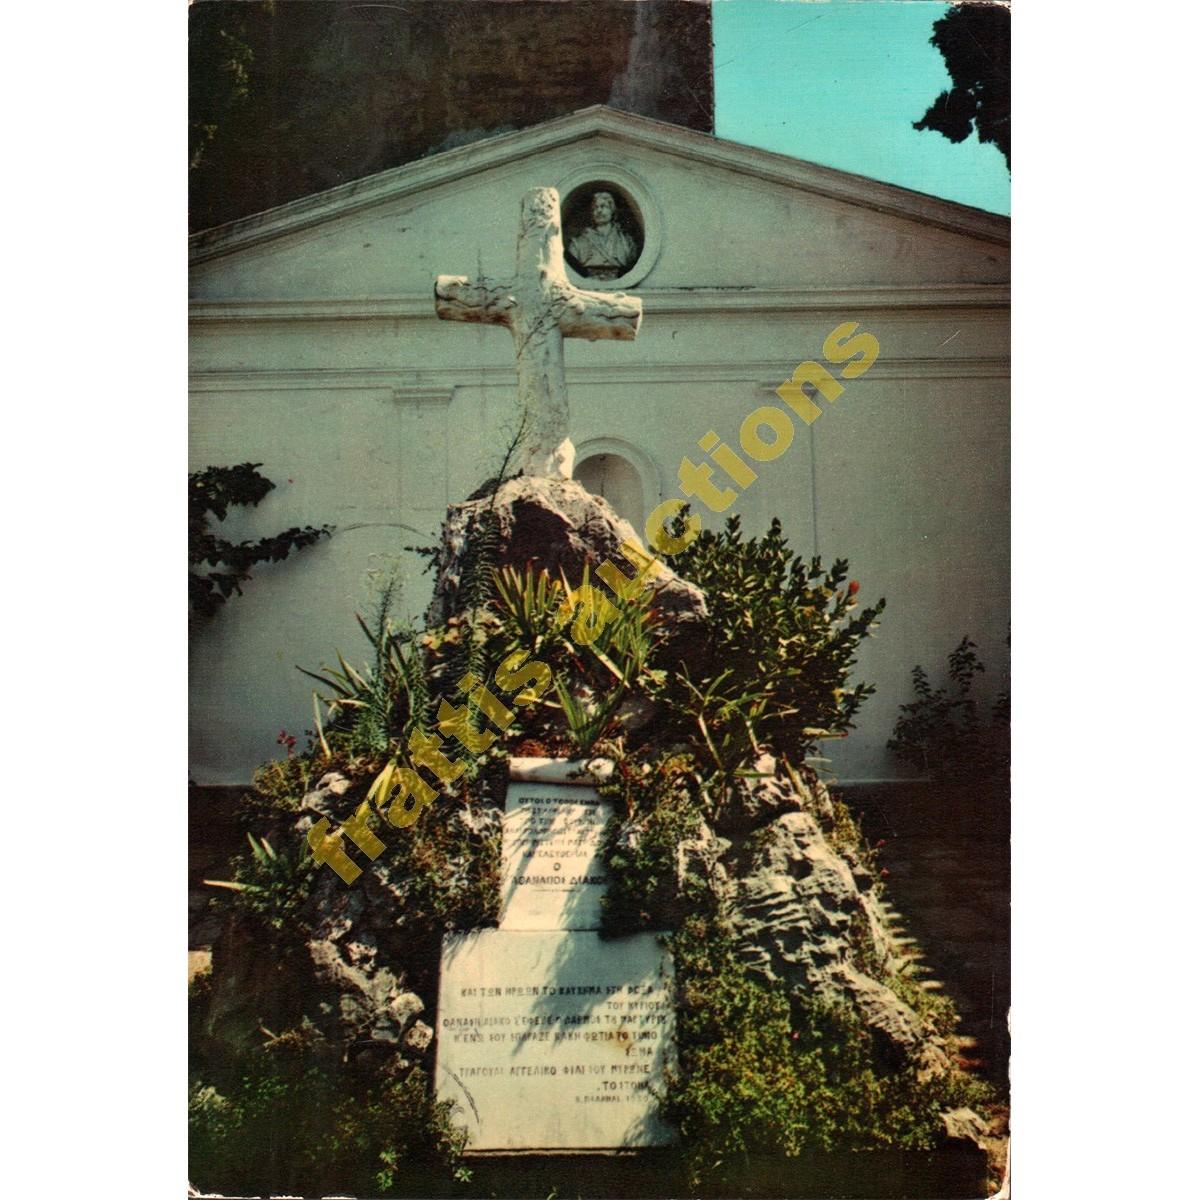 Ο τάφος του Αθανάσιου Διάκου, Λαμία, post card 1971.